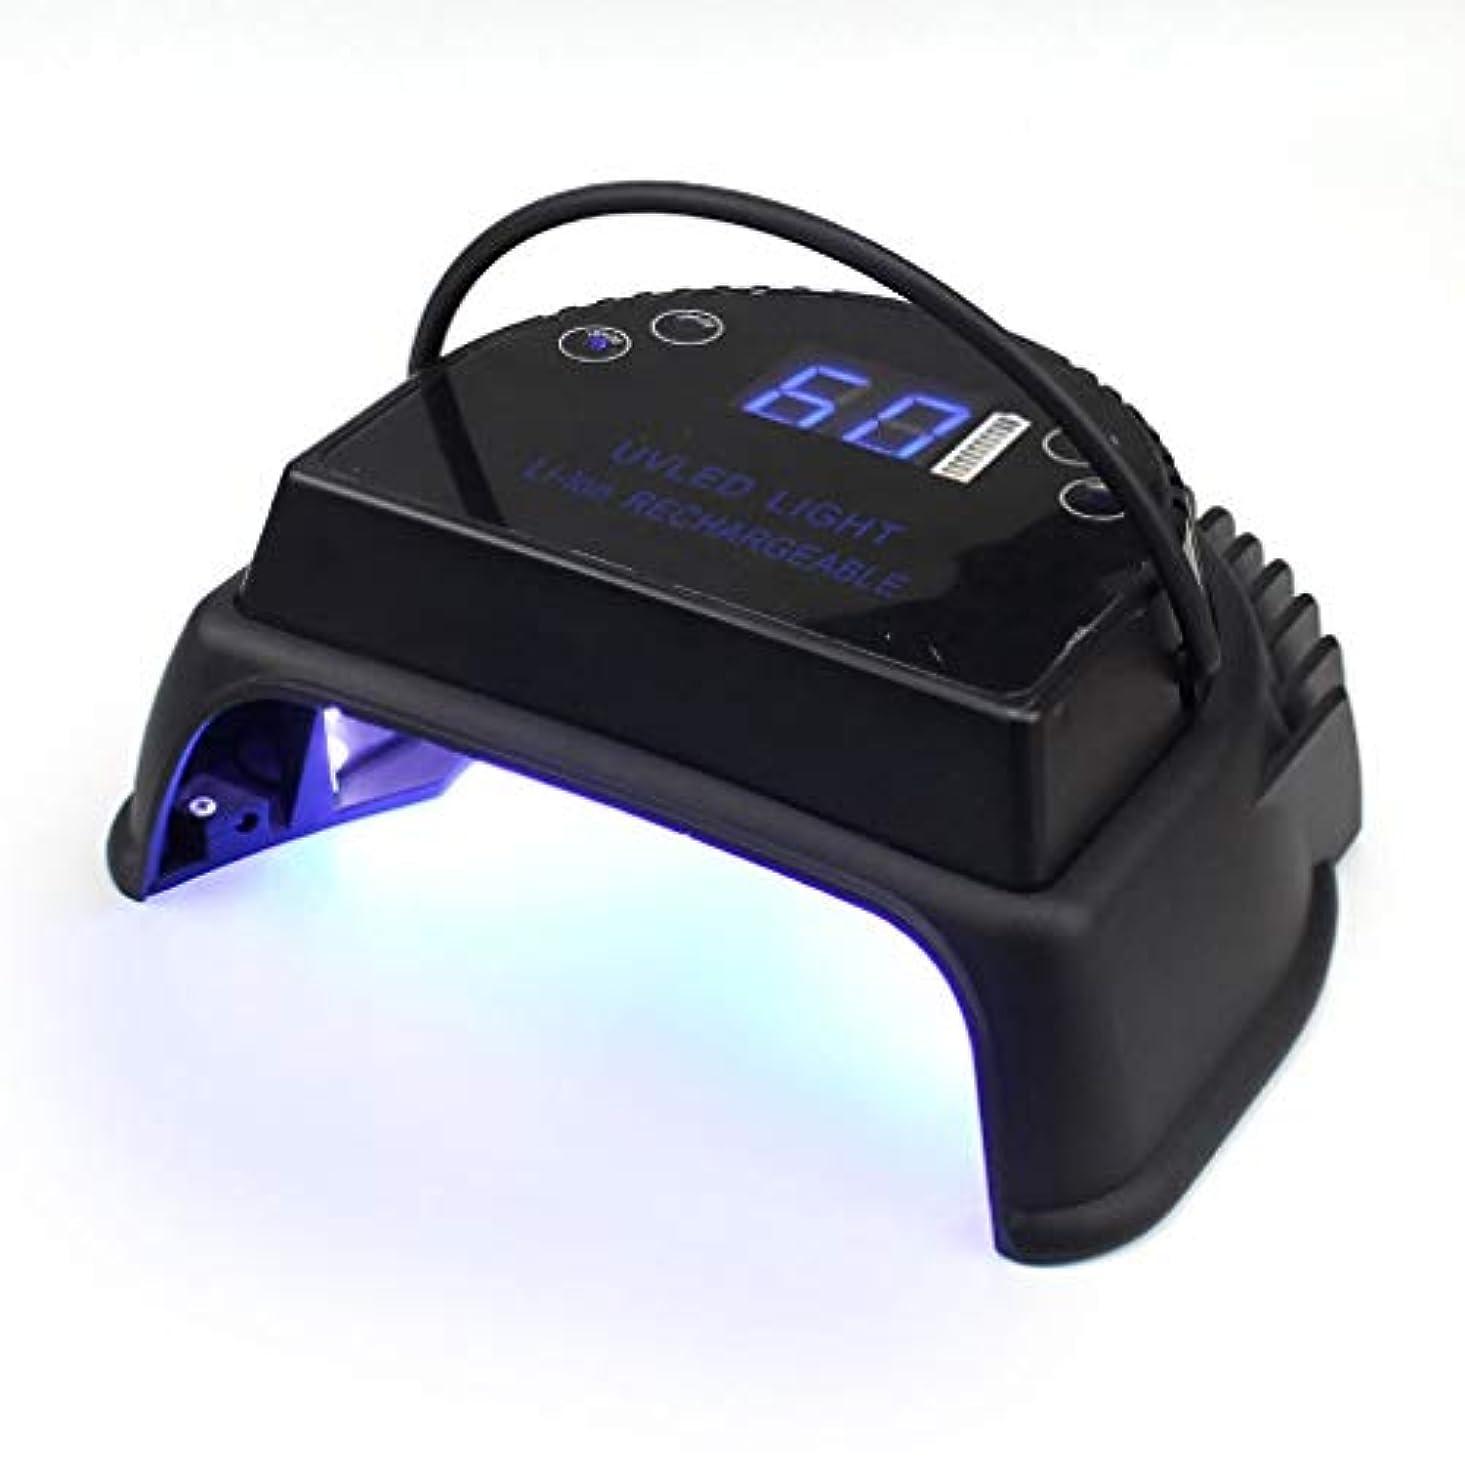 読む発動機警戒UV/LEDネイルライト、ハイパワーストレージスマートネイルドライヤー、内蔵リチウム電池、ジェルネイルポリッシュ用、速乾性、マルチステップタイミング